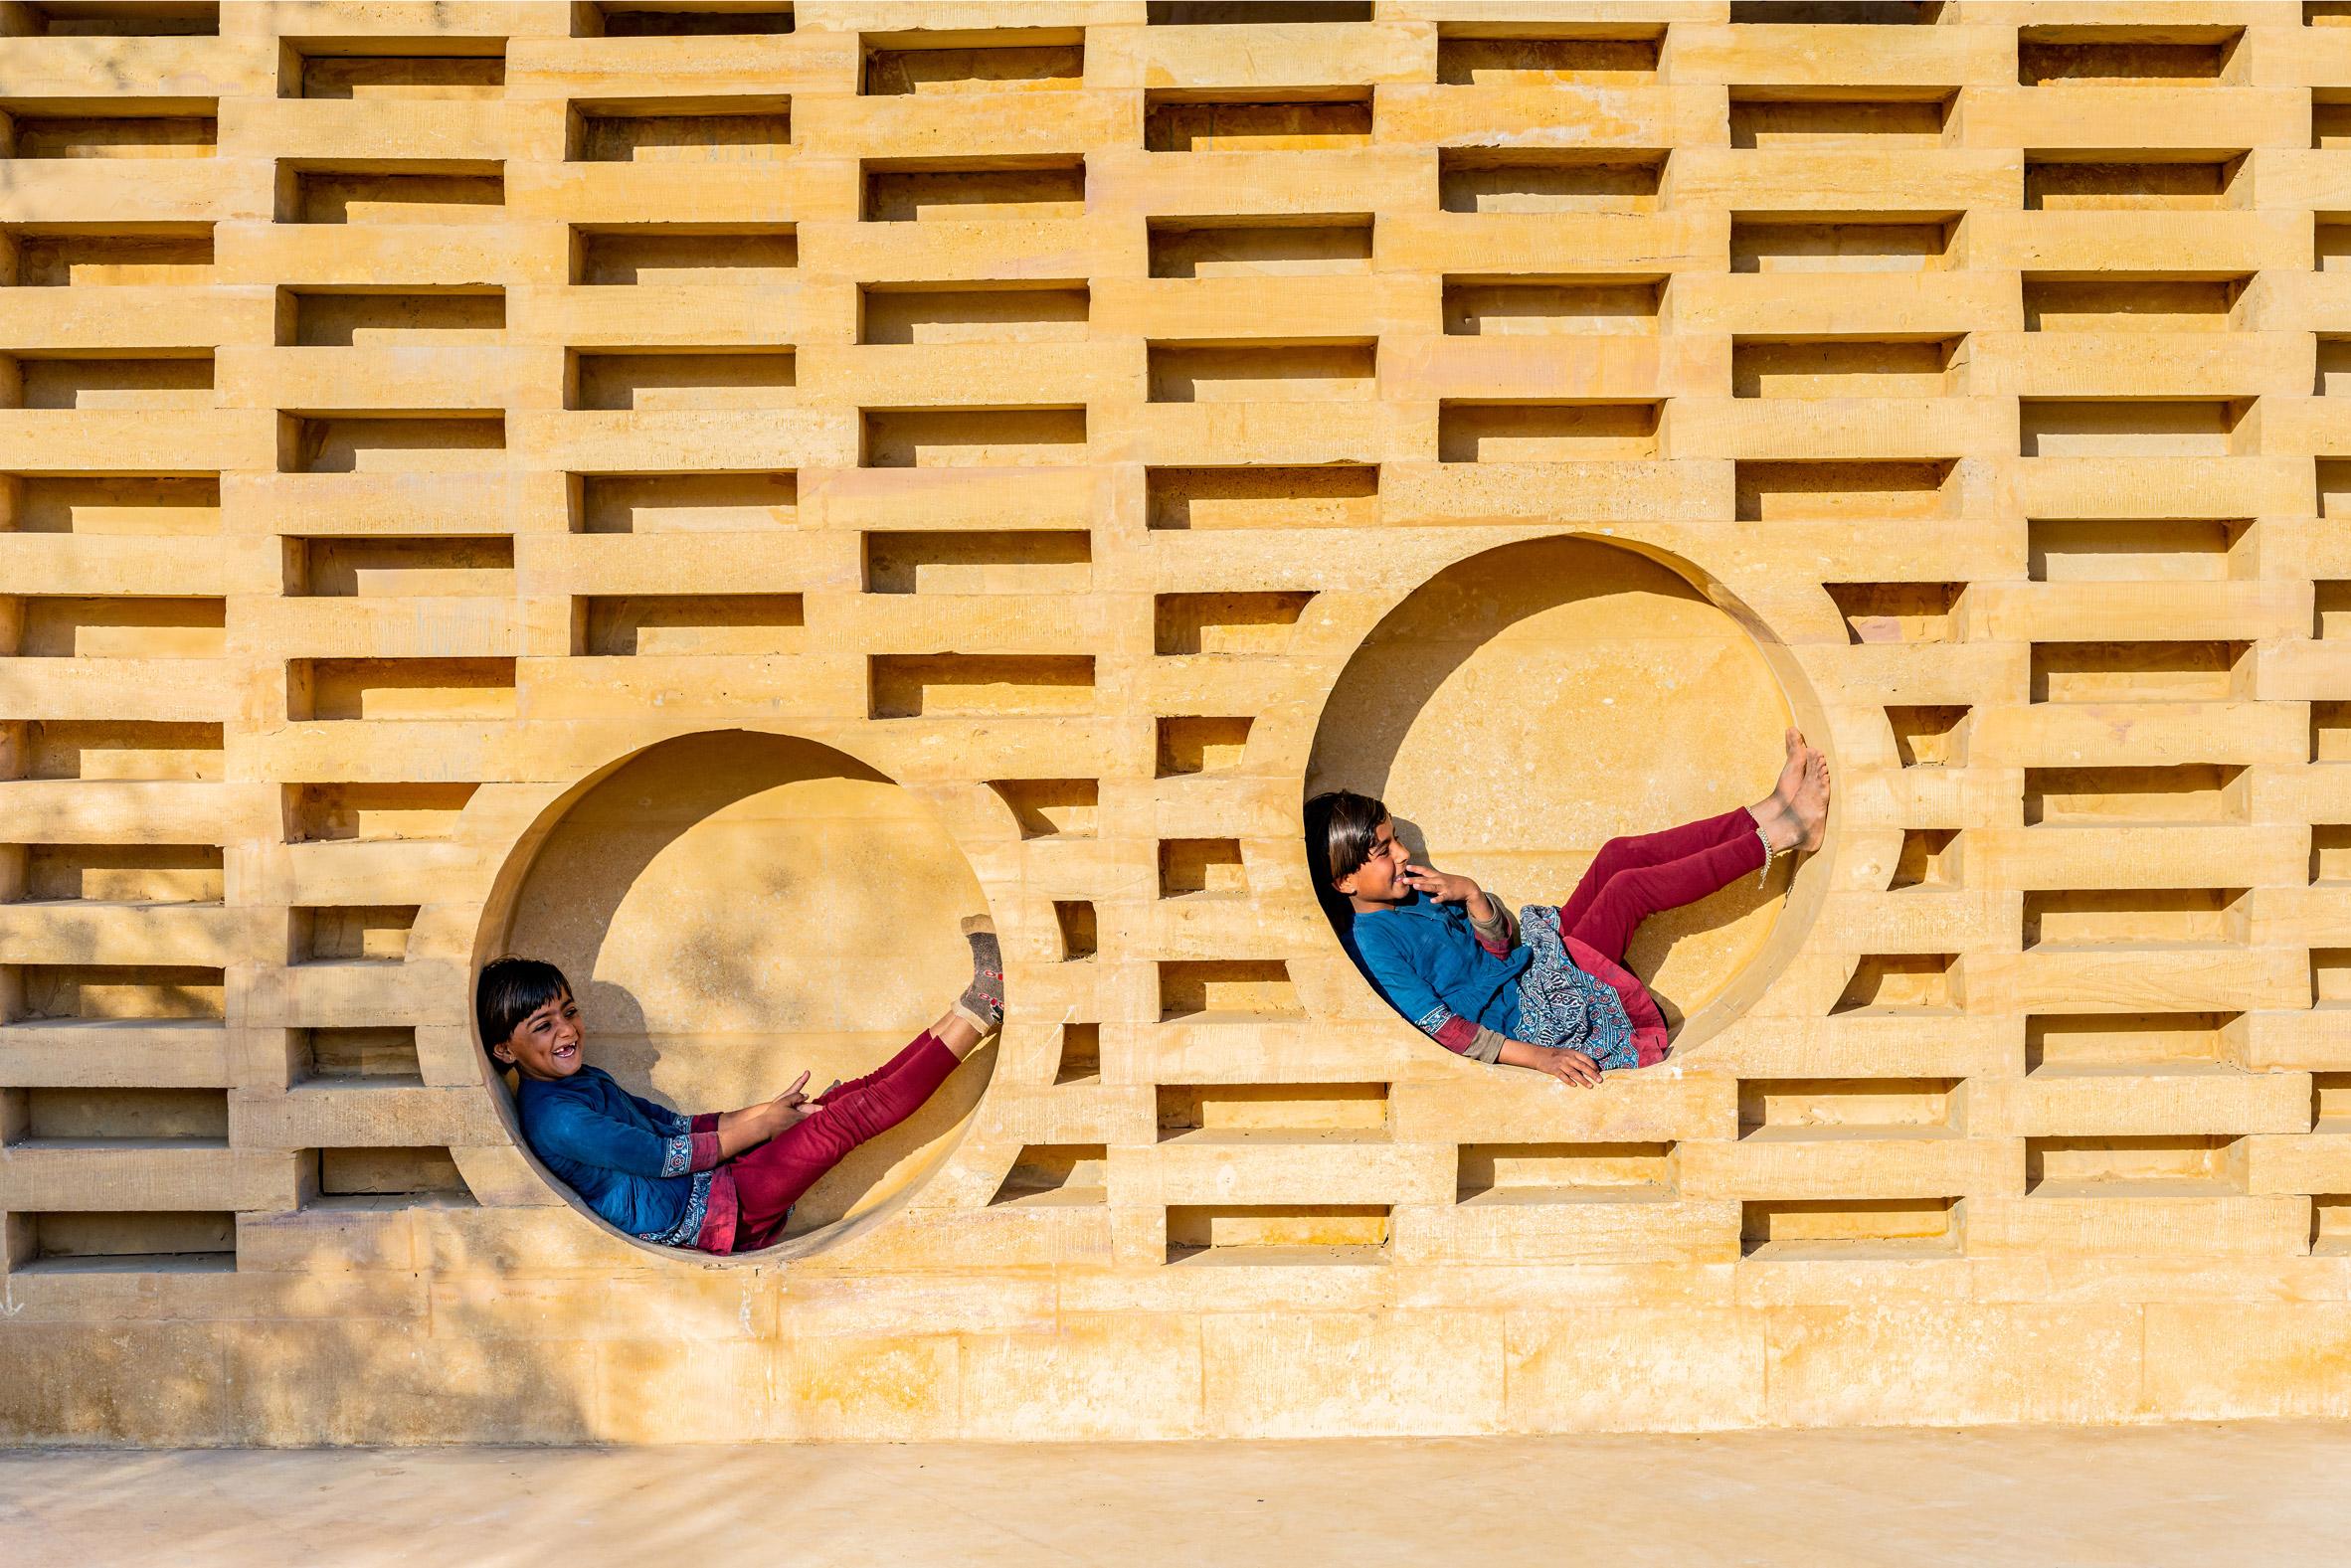 Children play within the brickwork